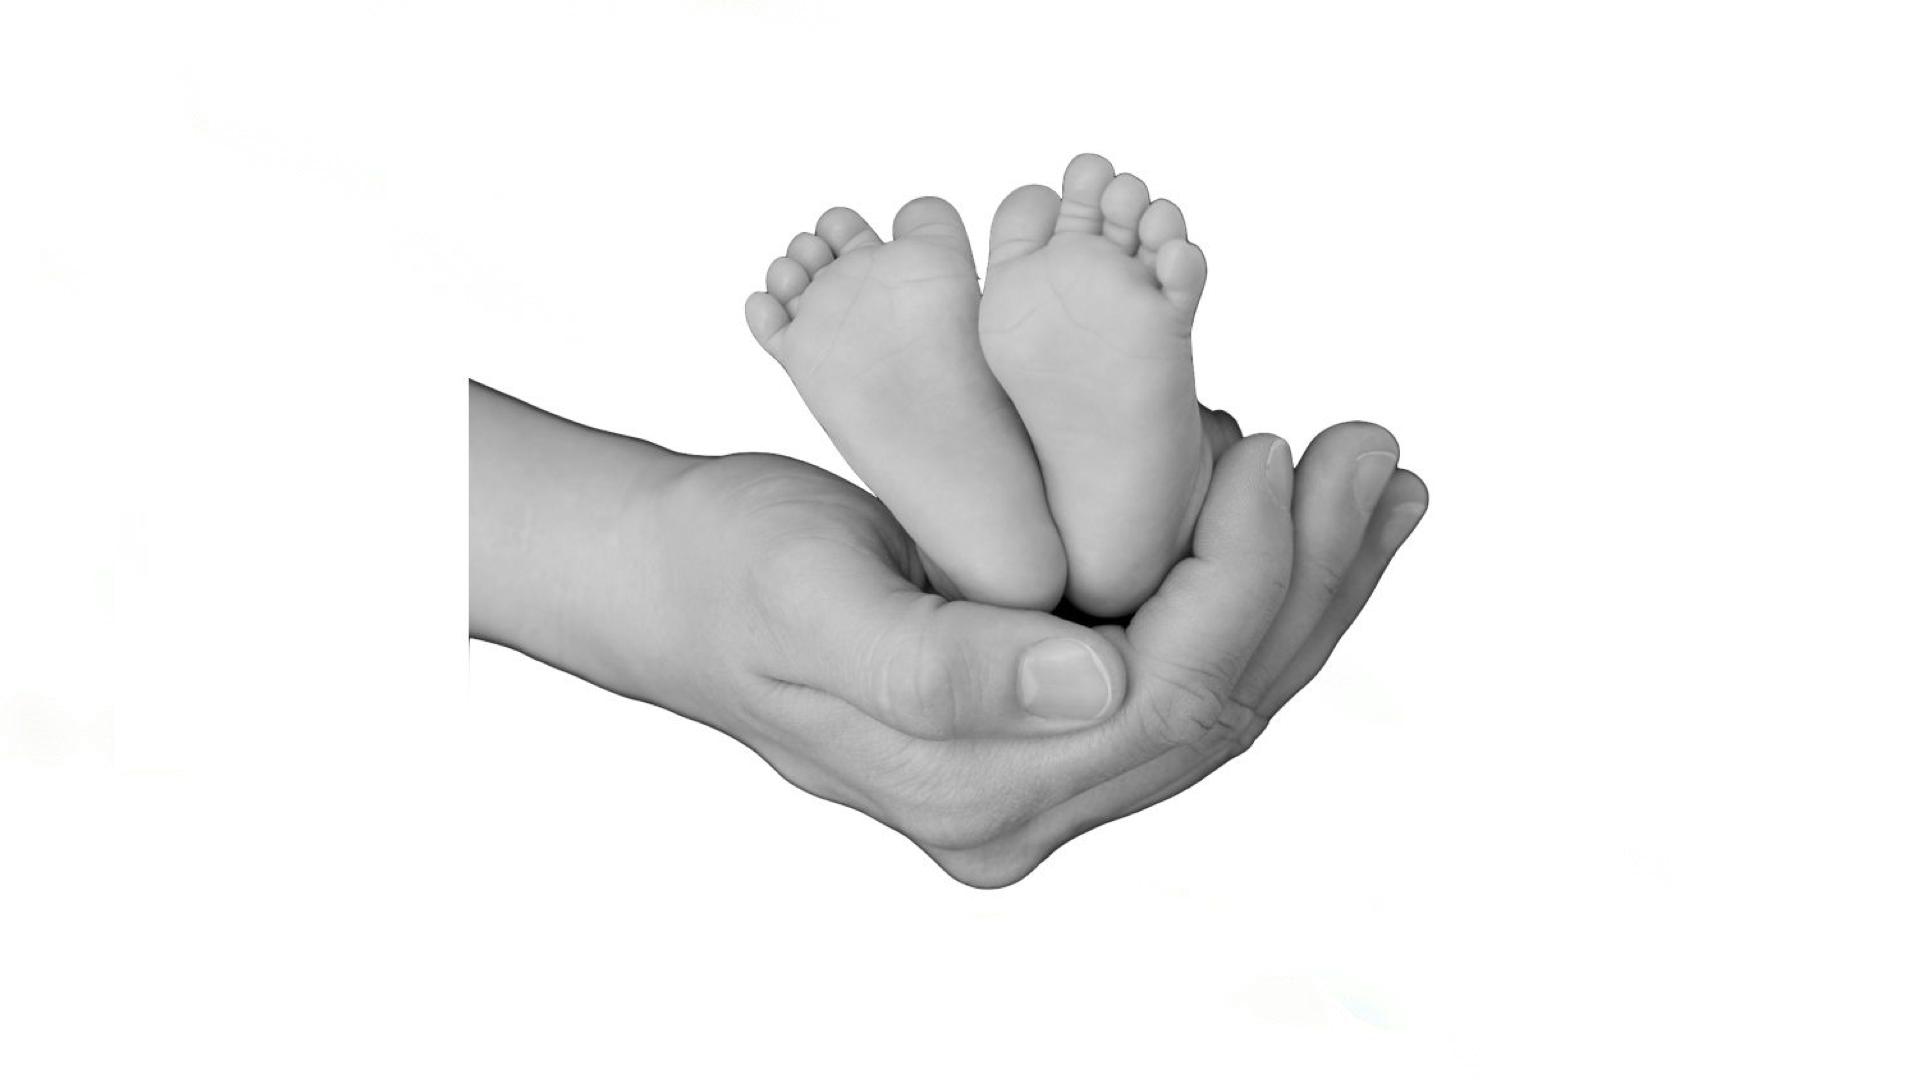 Durerea articula?iilor mici ale piciorului